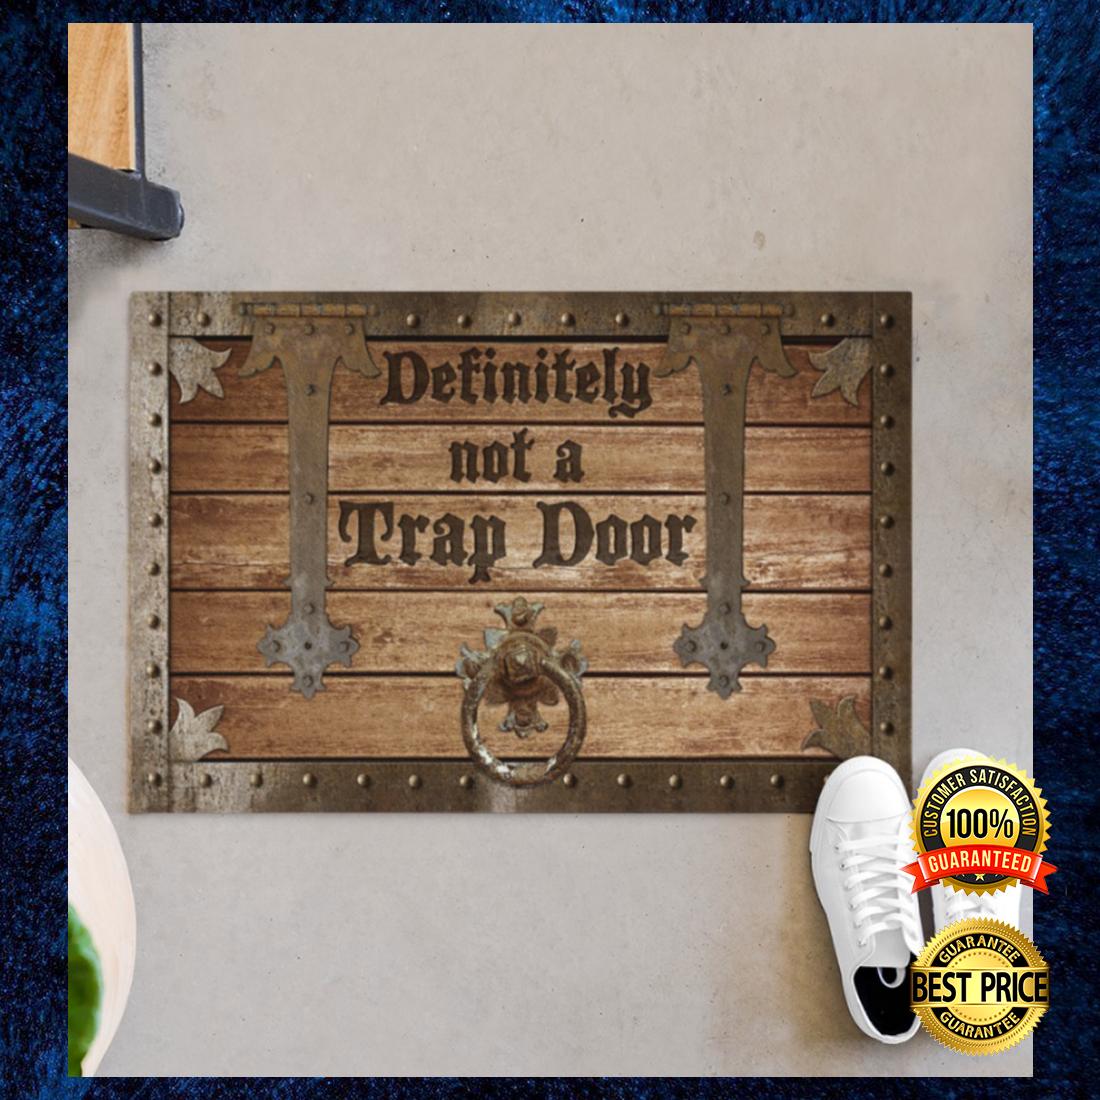 Definitely not a trap door doormat 4